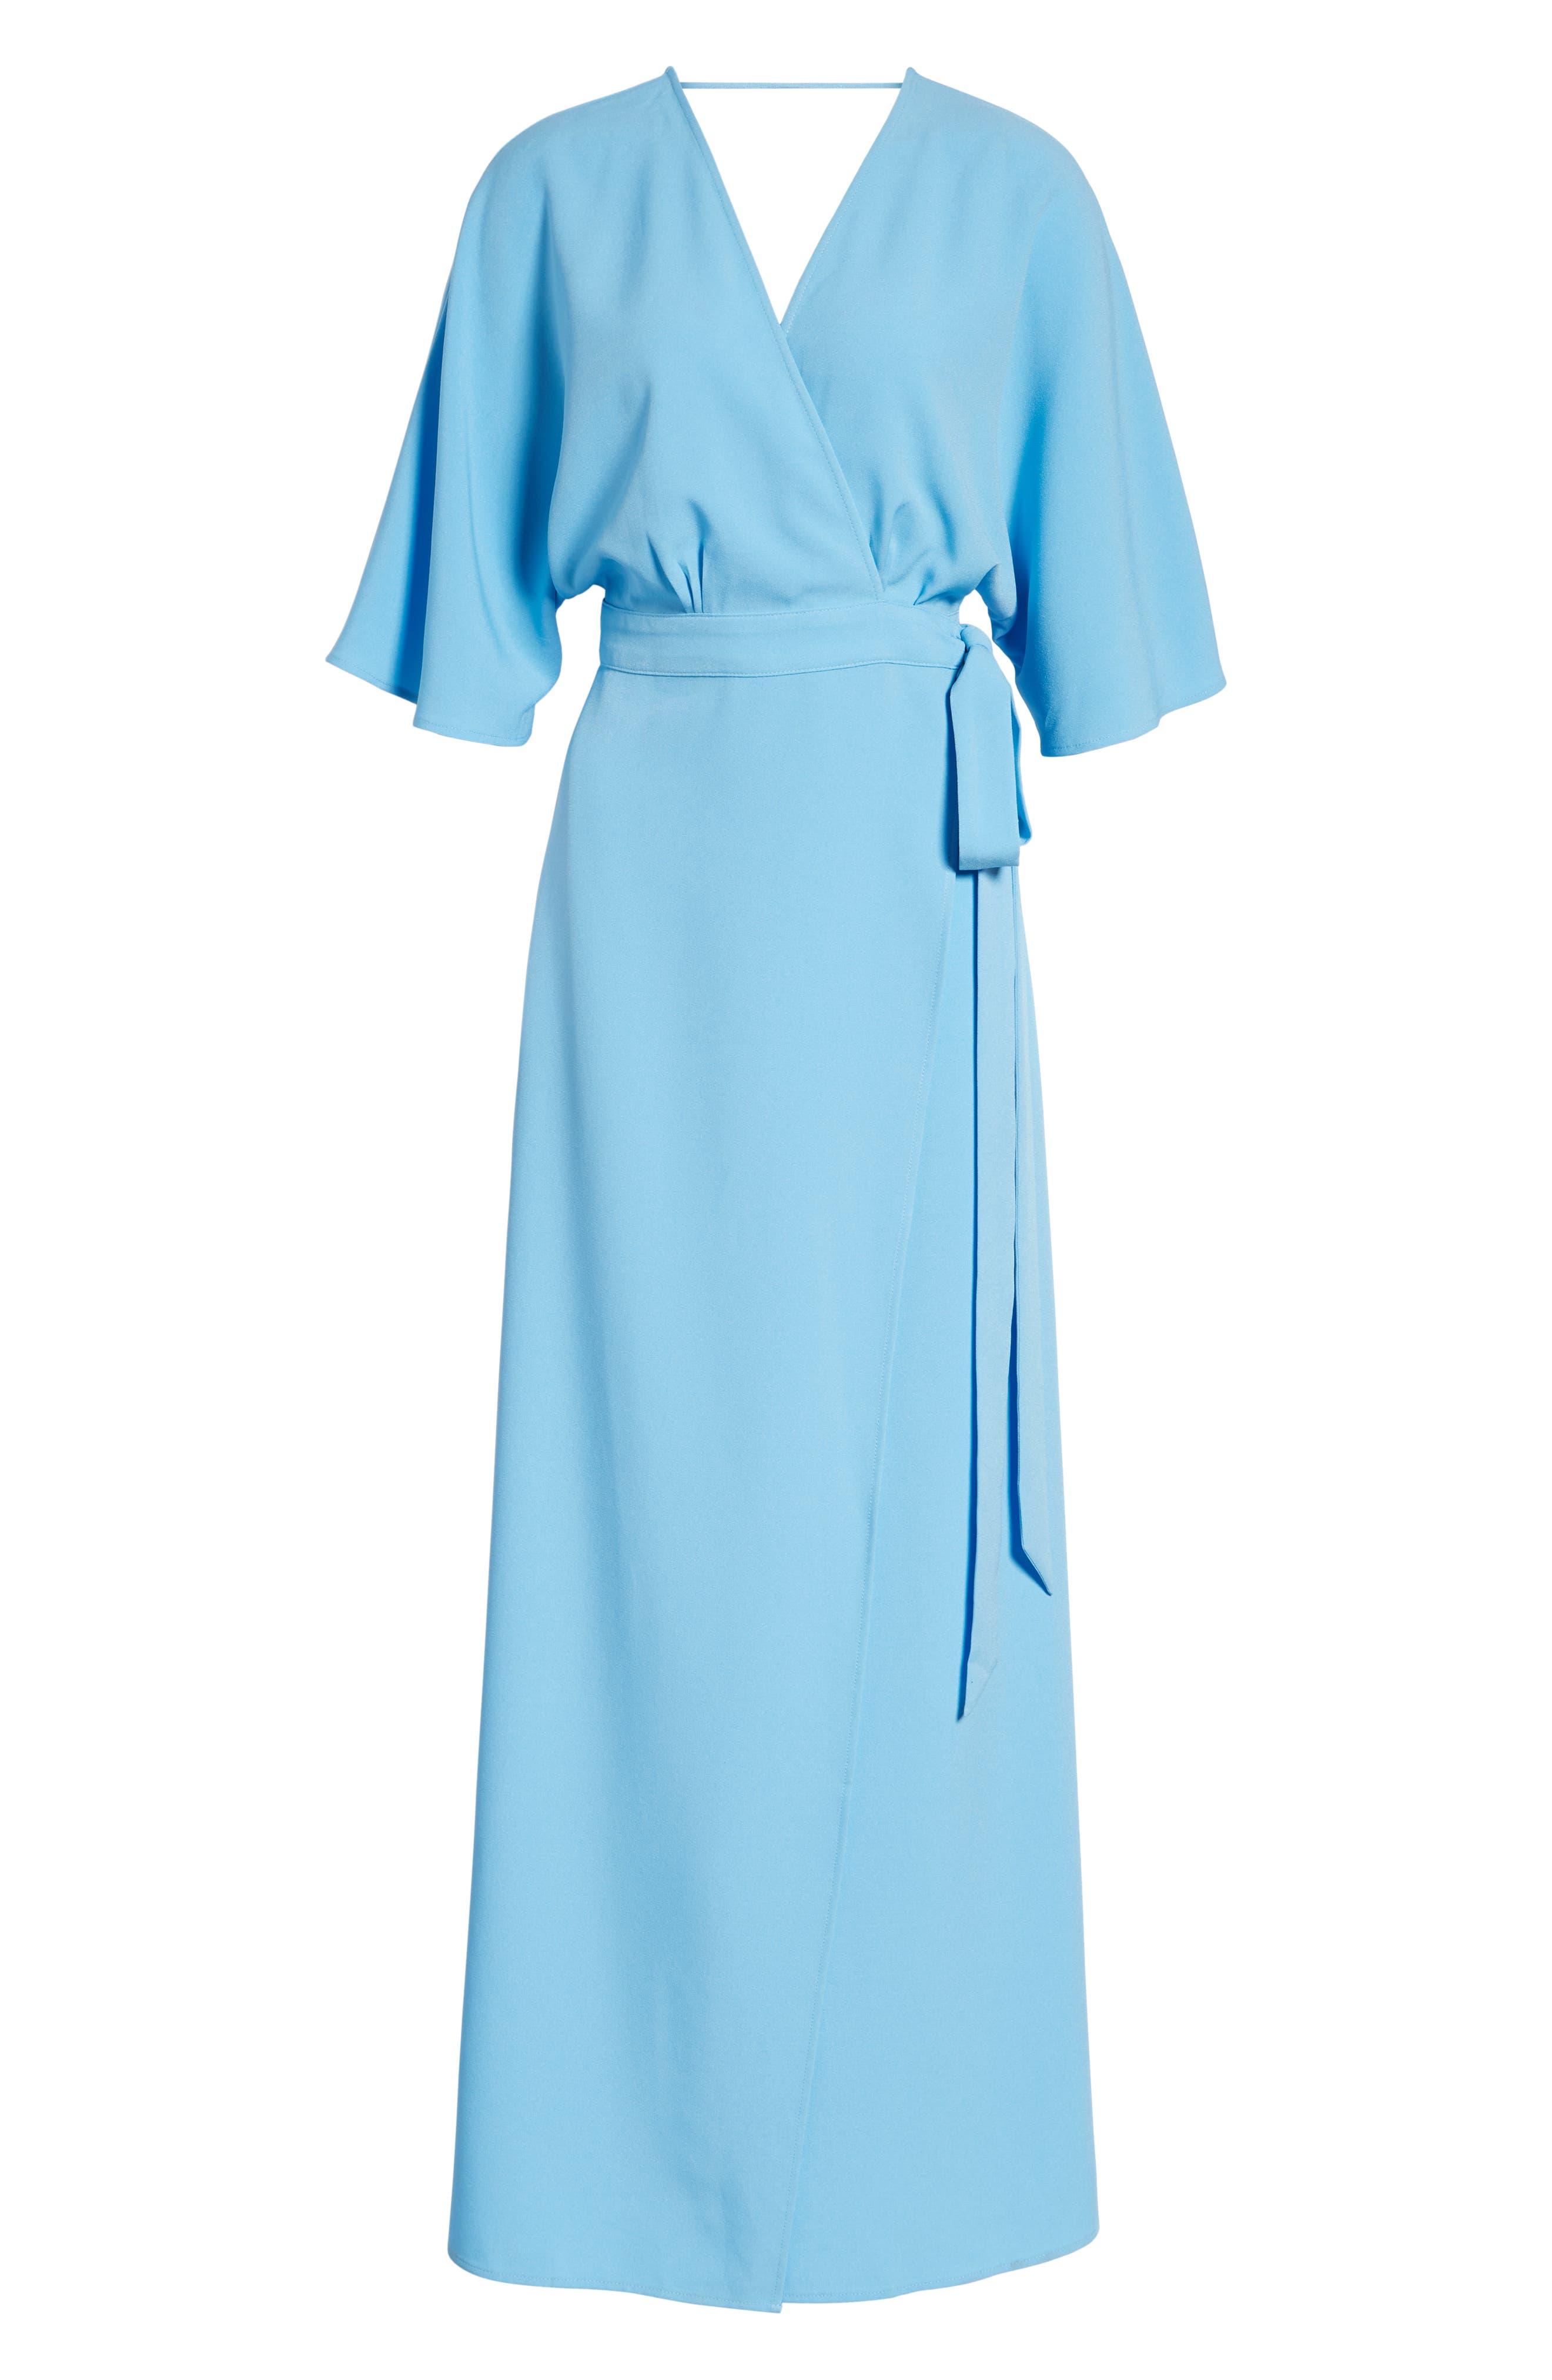 Kimono Maxi Dress,                             Alternate thumbnail 7, color,                             BLUE ALASKAN